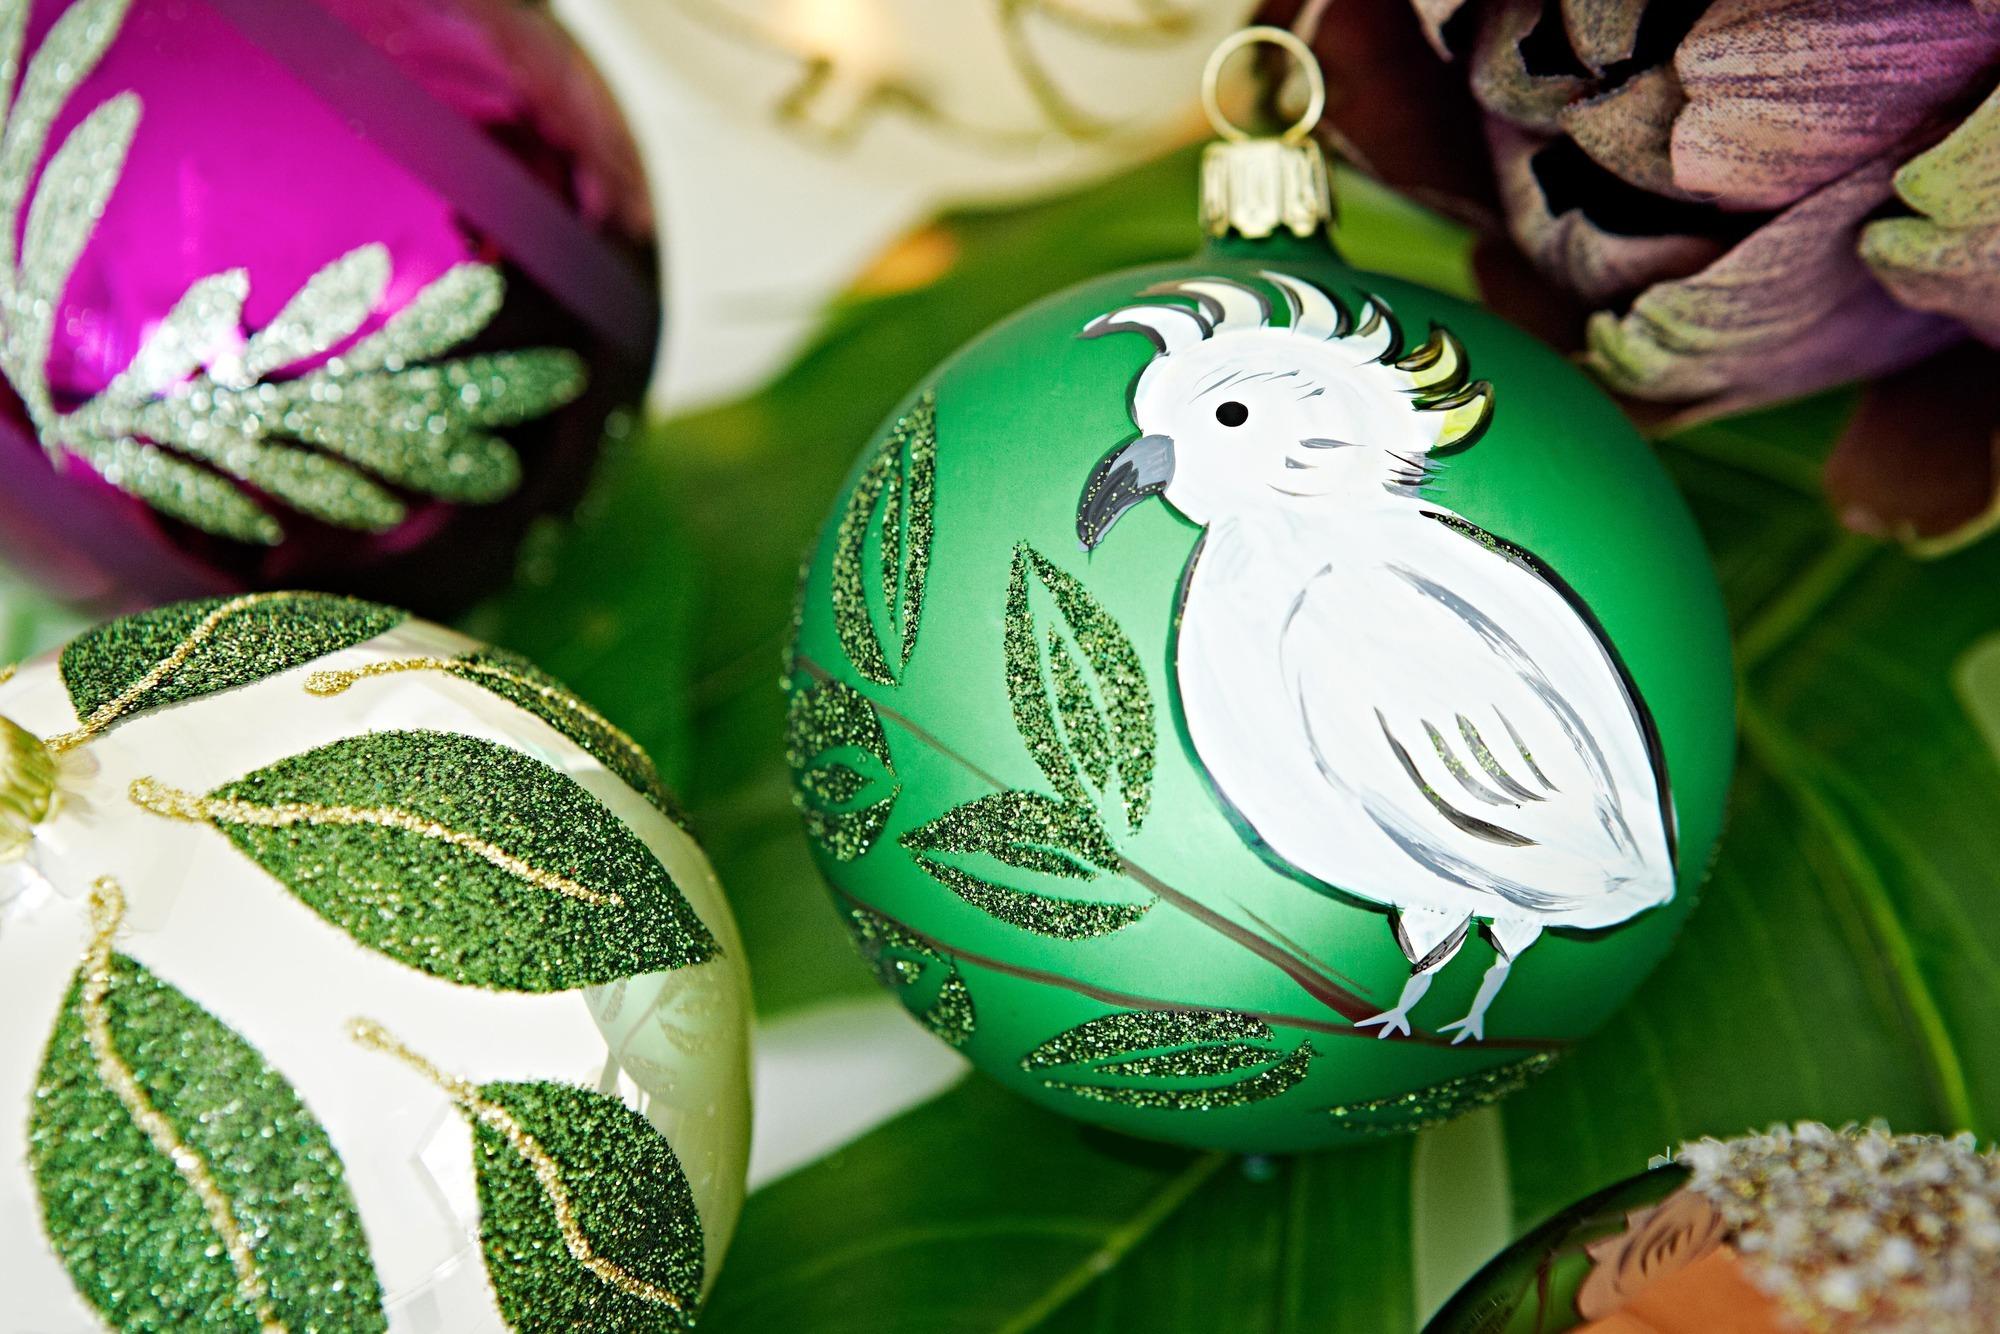 Weihnachtsschmuck: Deko-Trends für Weihnachten 2018 - Lebensart ...